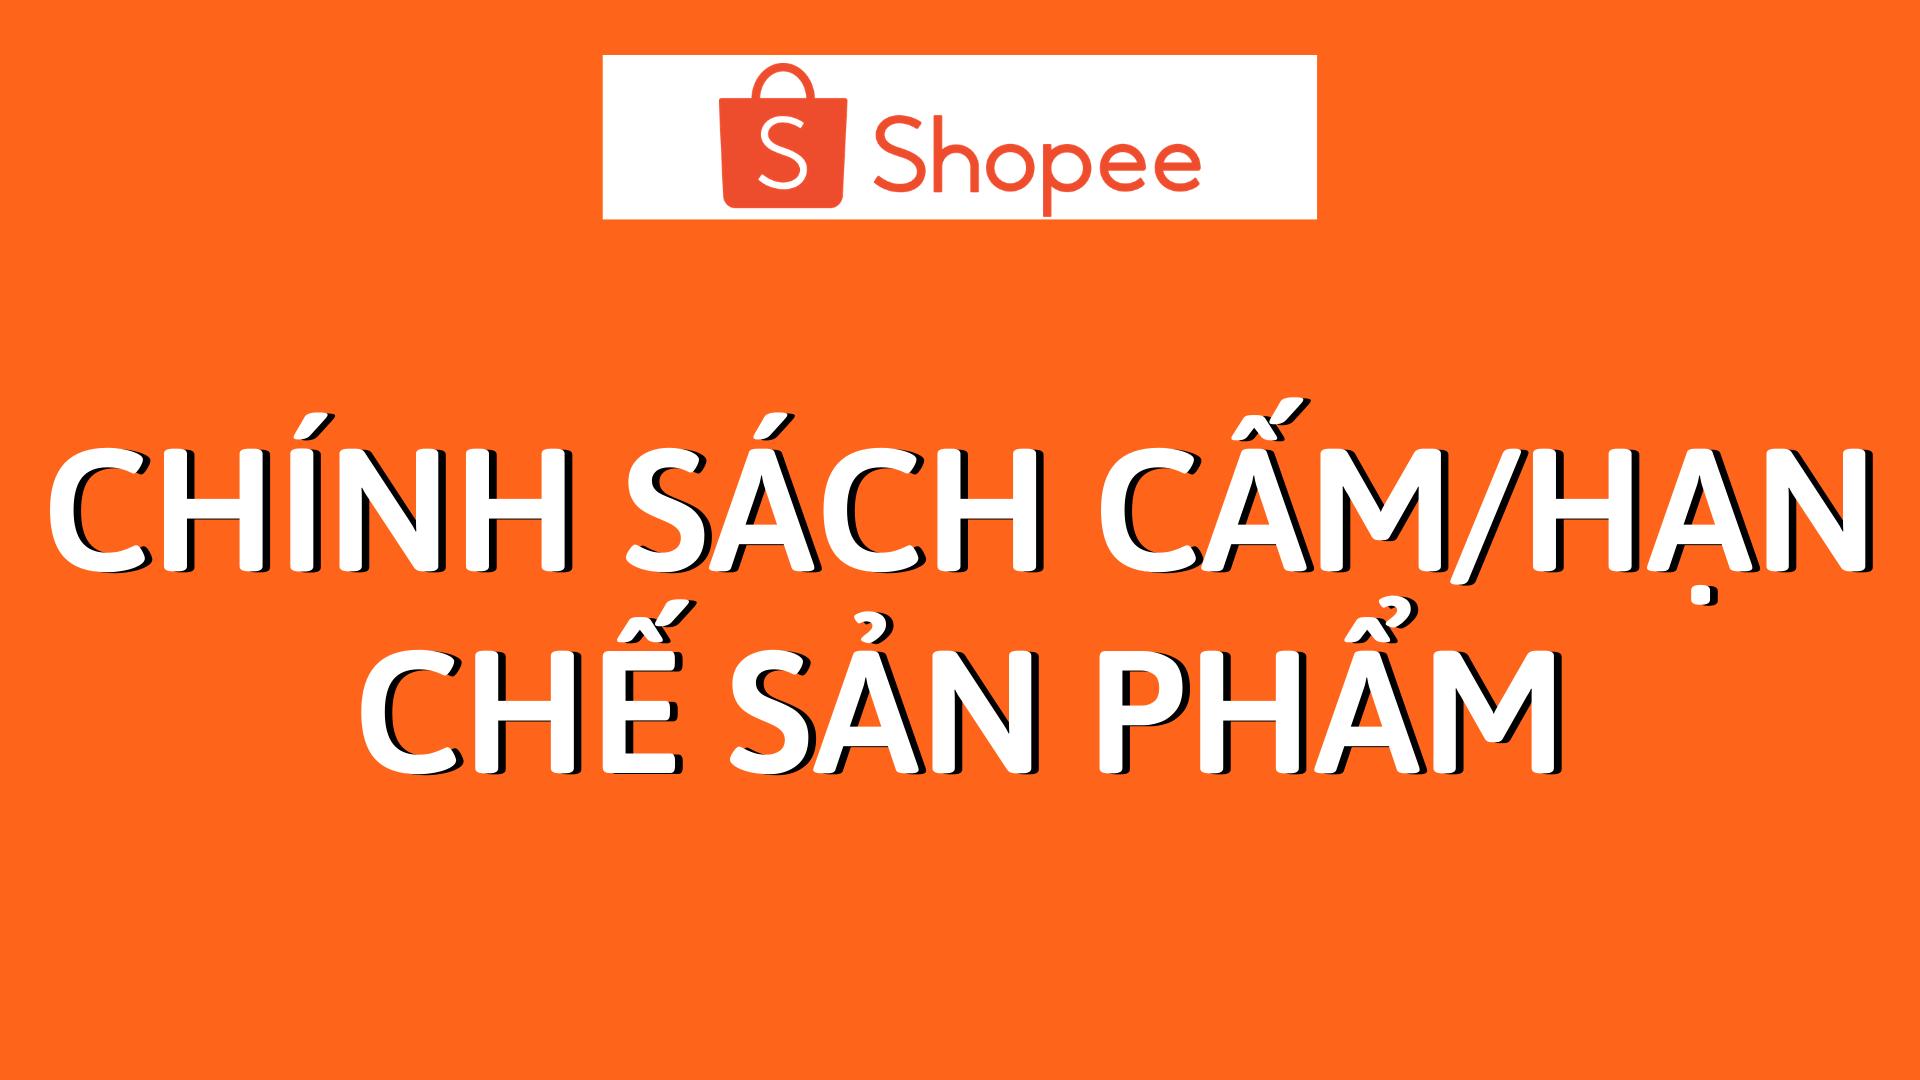 chính sách cấm hạn chế sản phẩm trên shopee